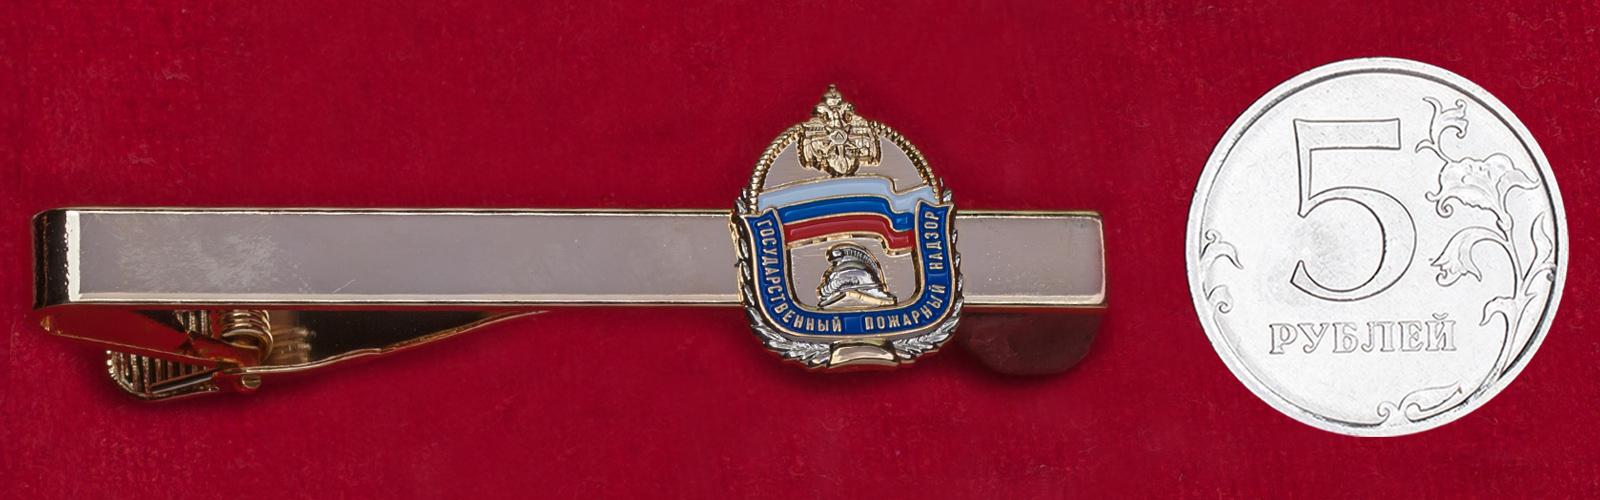 """Зажим для галстука """"Государственный пожарный надзор"""